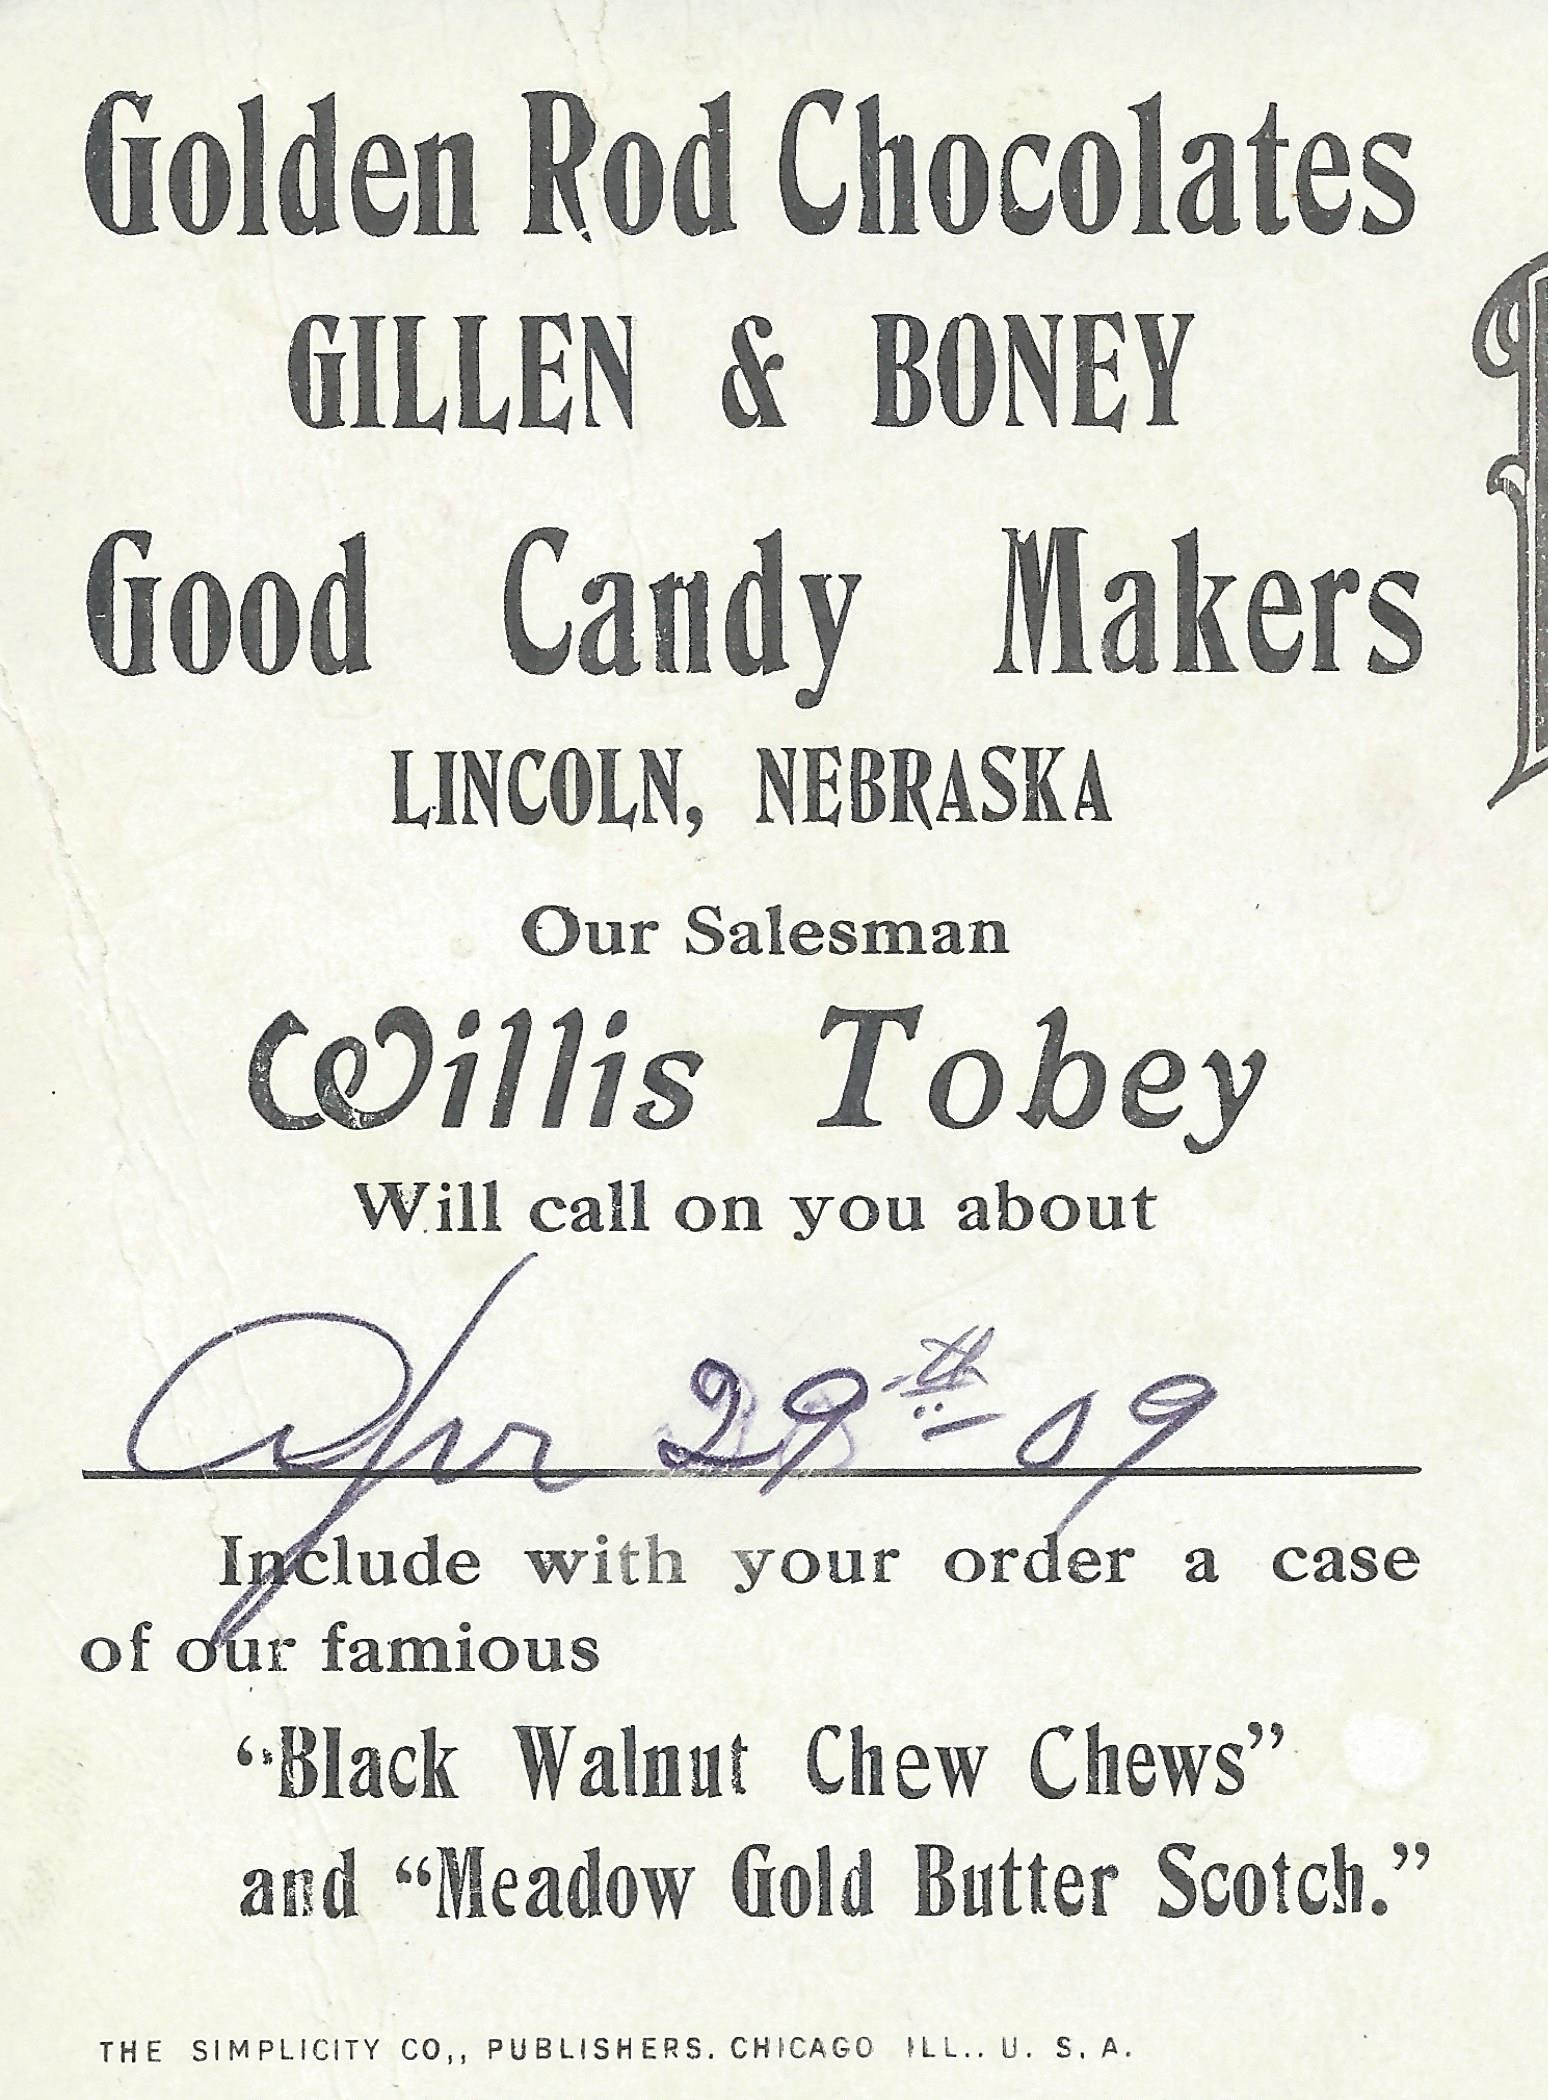 26. Gillen & Boney Candy Factory